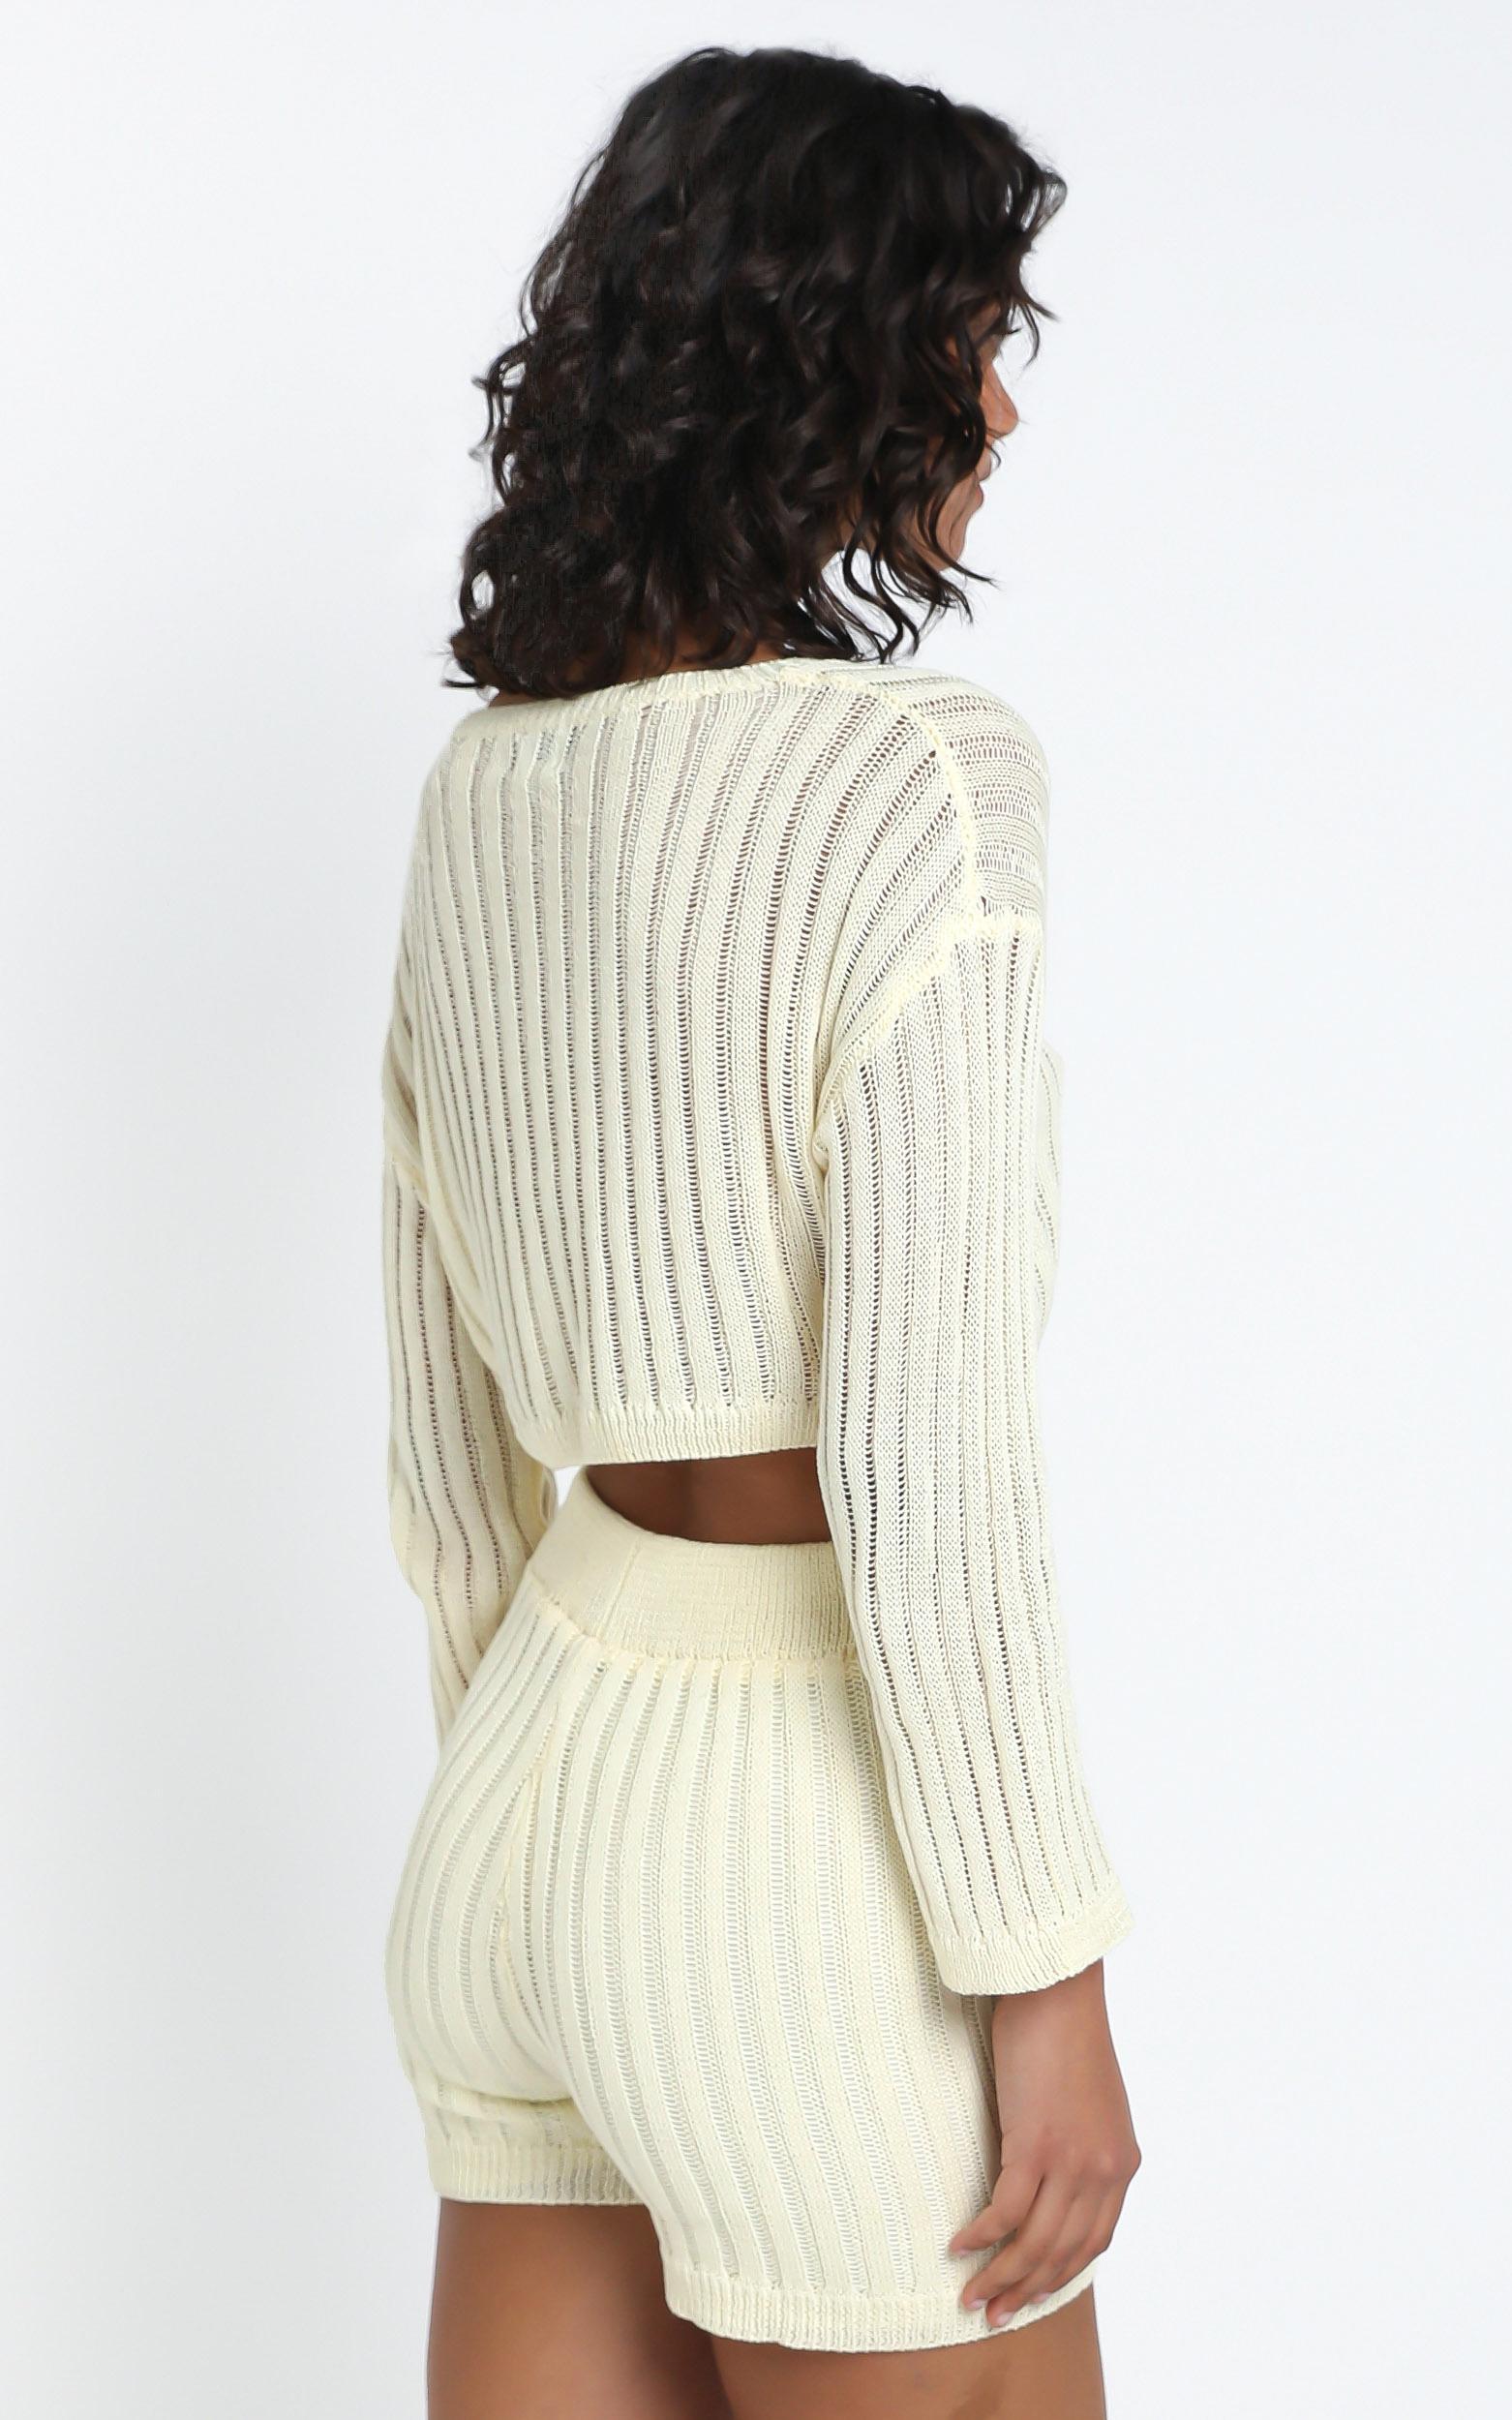 Divina Shorts in Cream - L, Cream, hi-res image number null